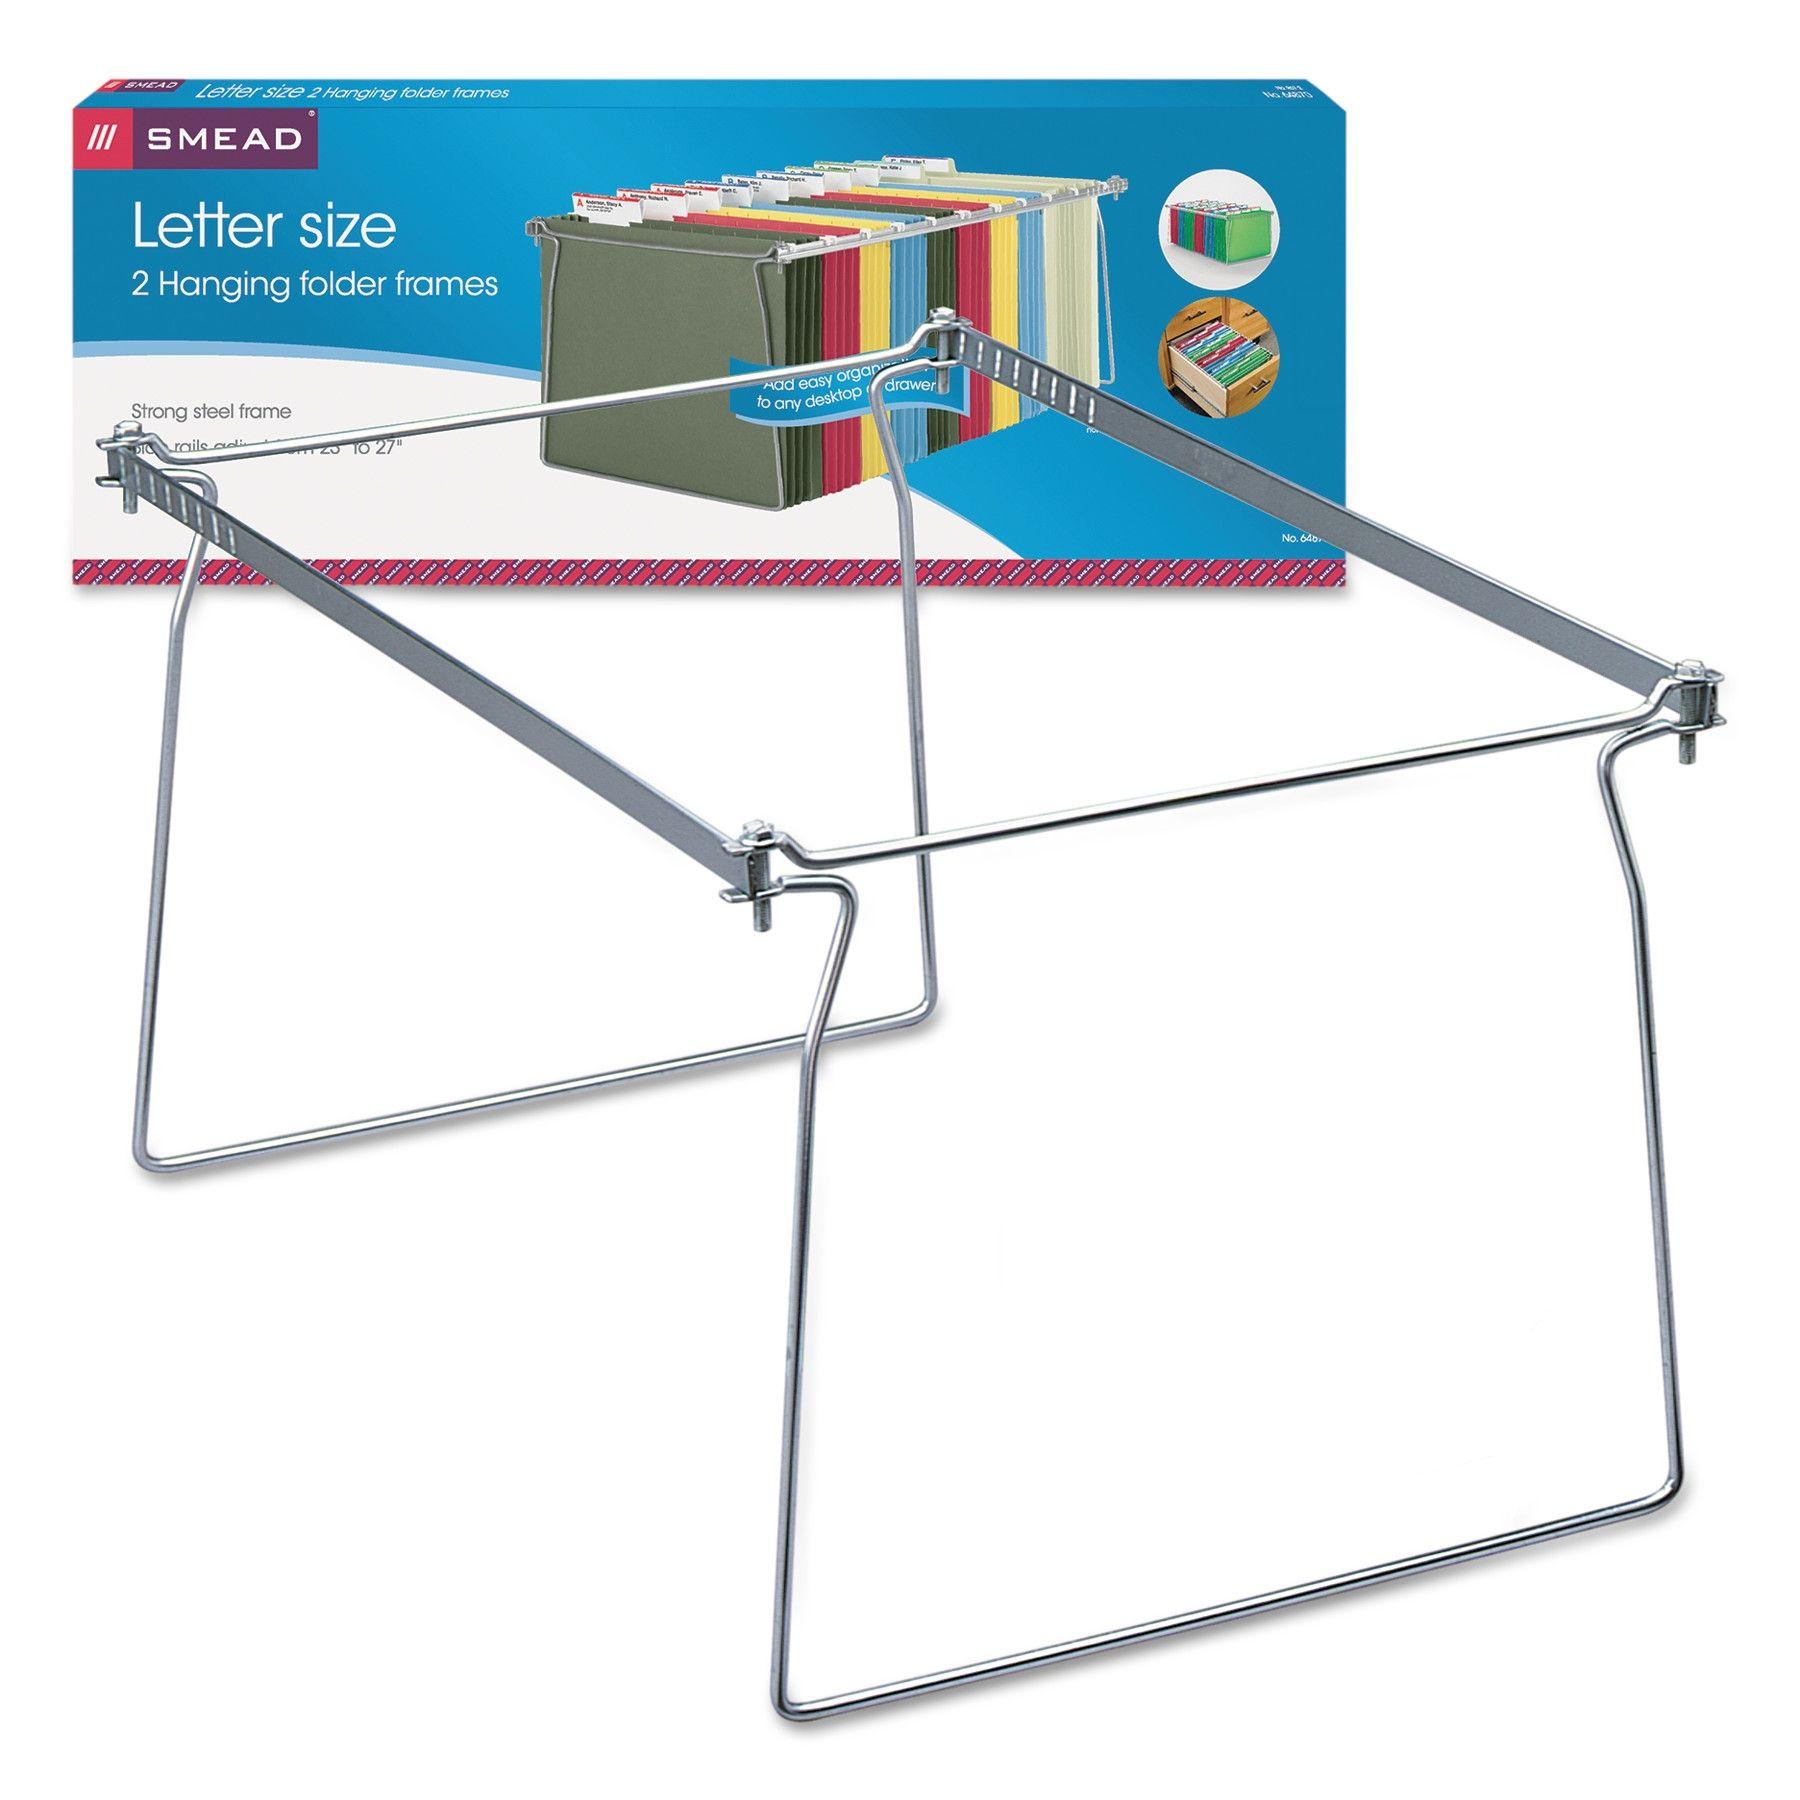 File Drawer Frames For Hanging Folders | http://ezserver.us ...